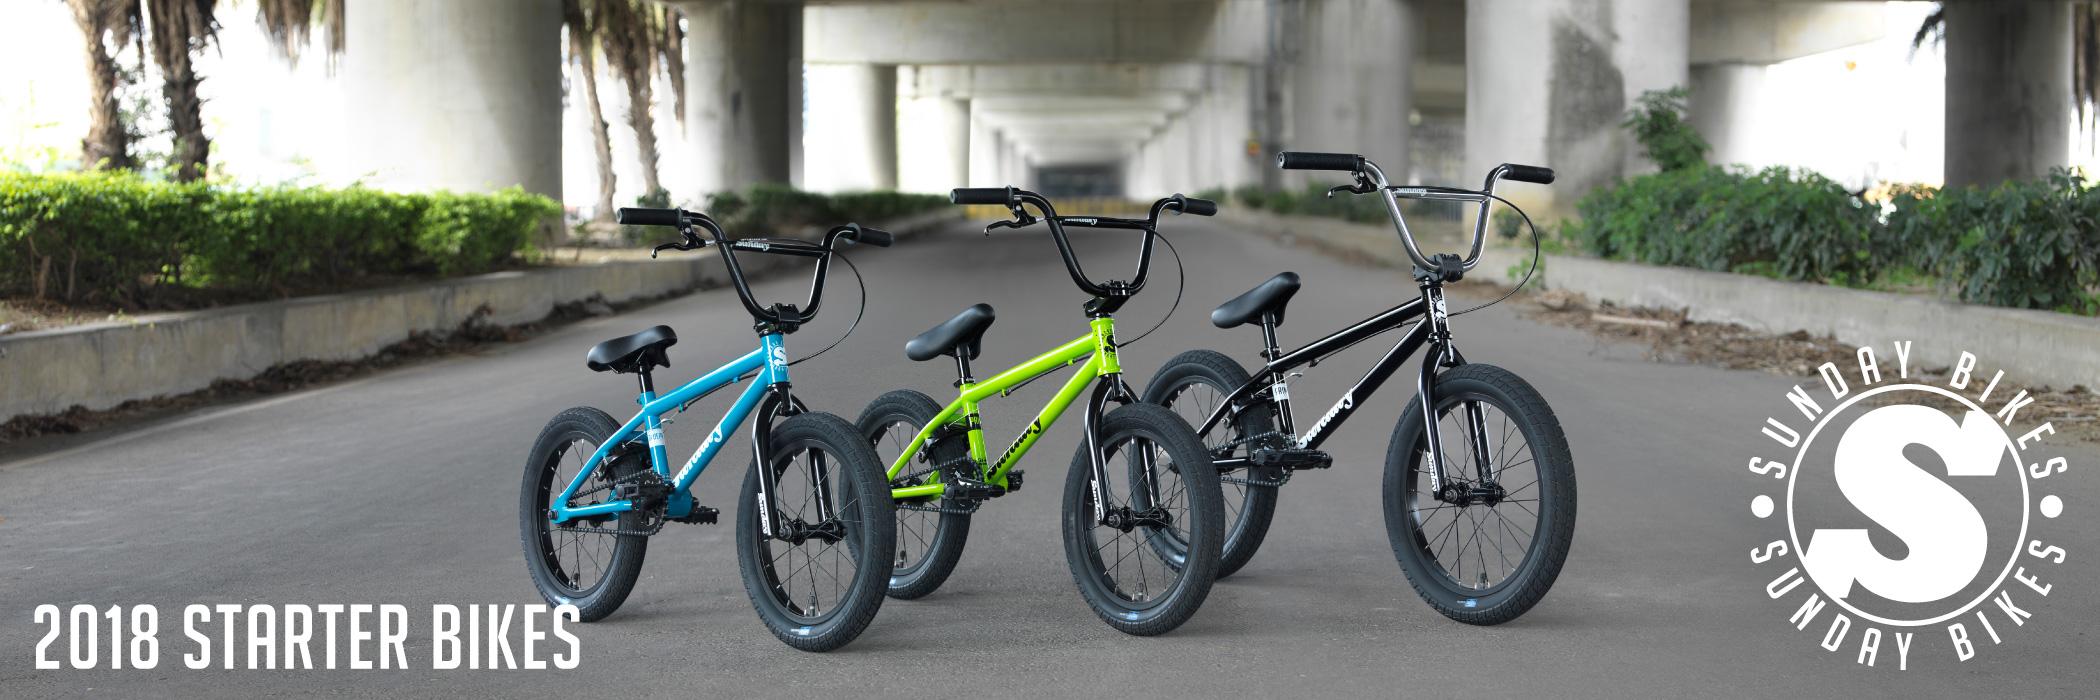 2018 Starter Bikes